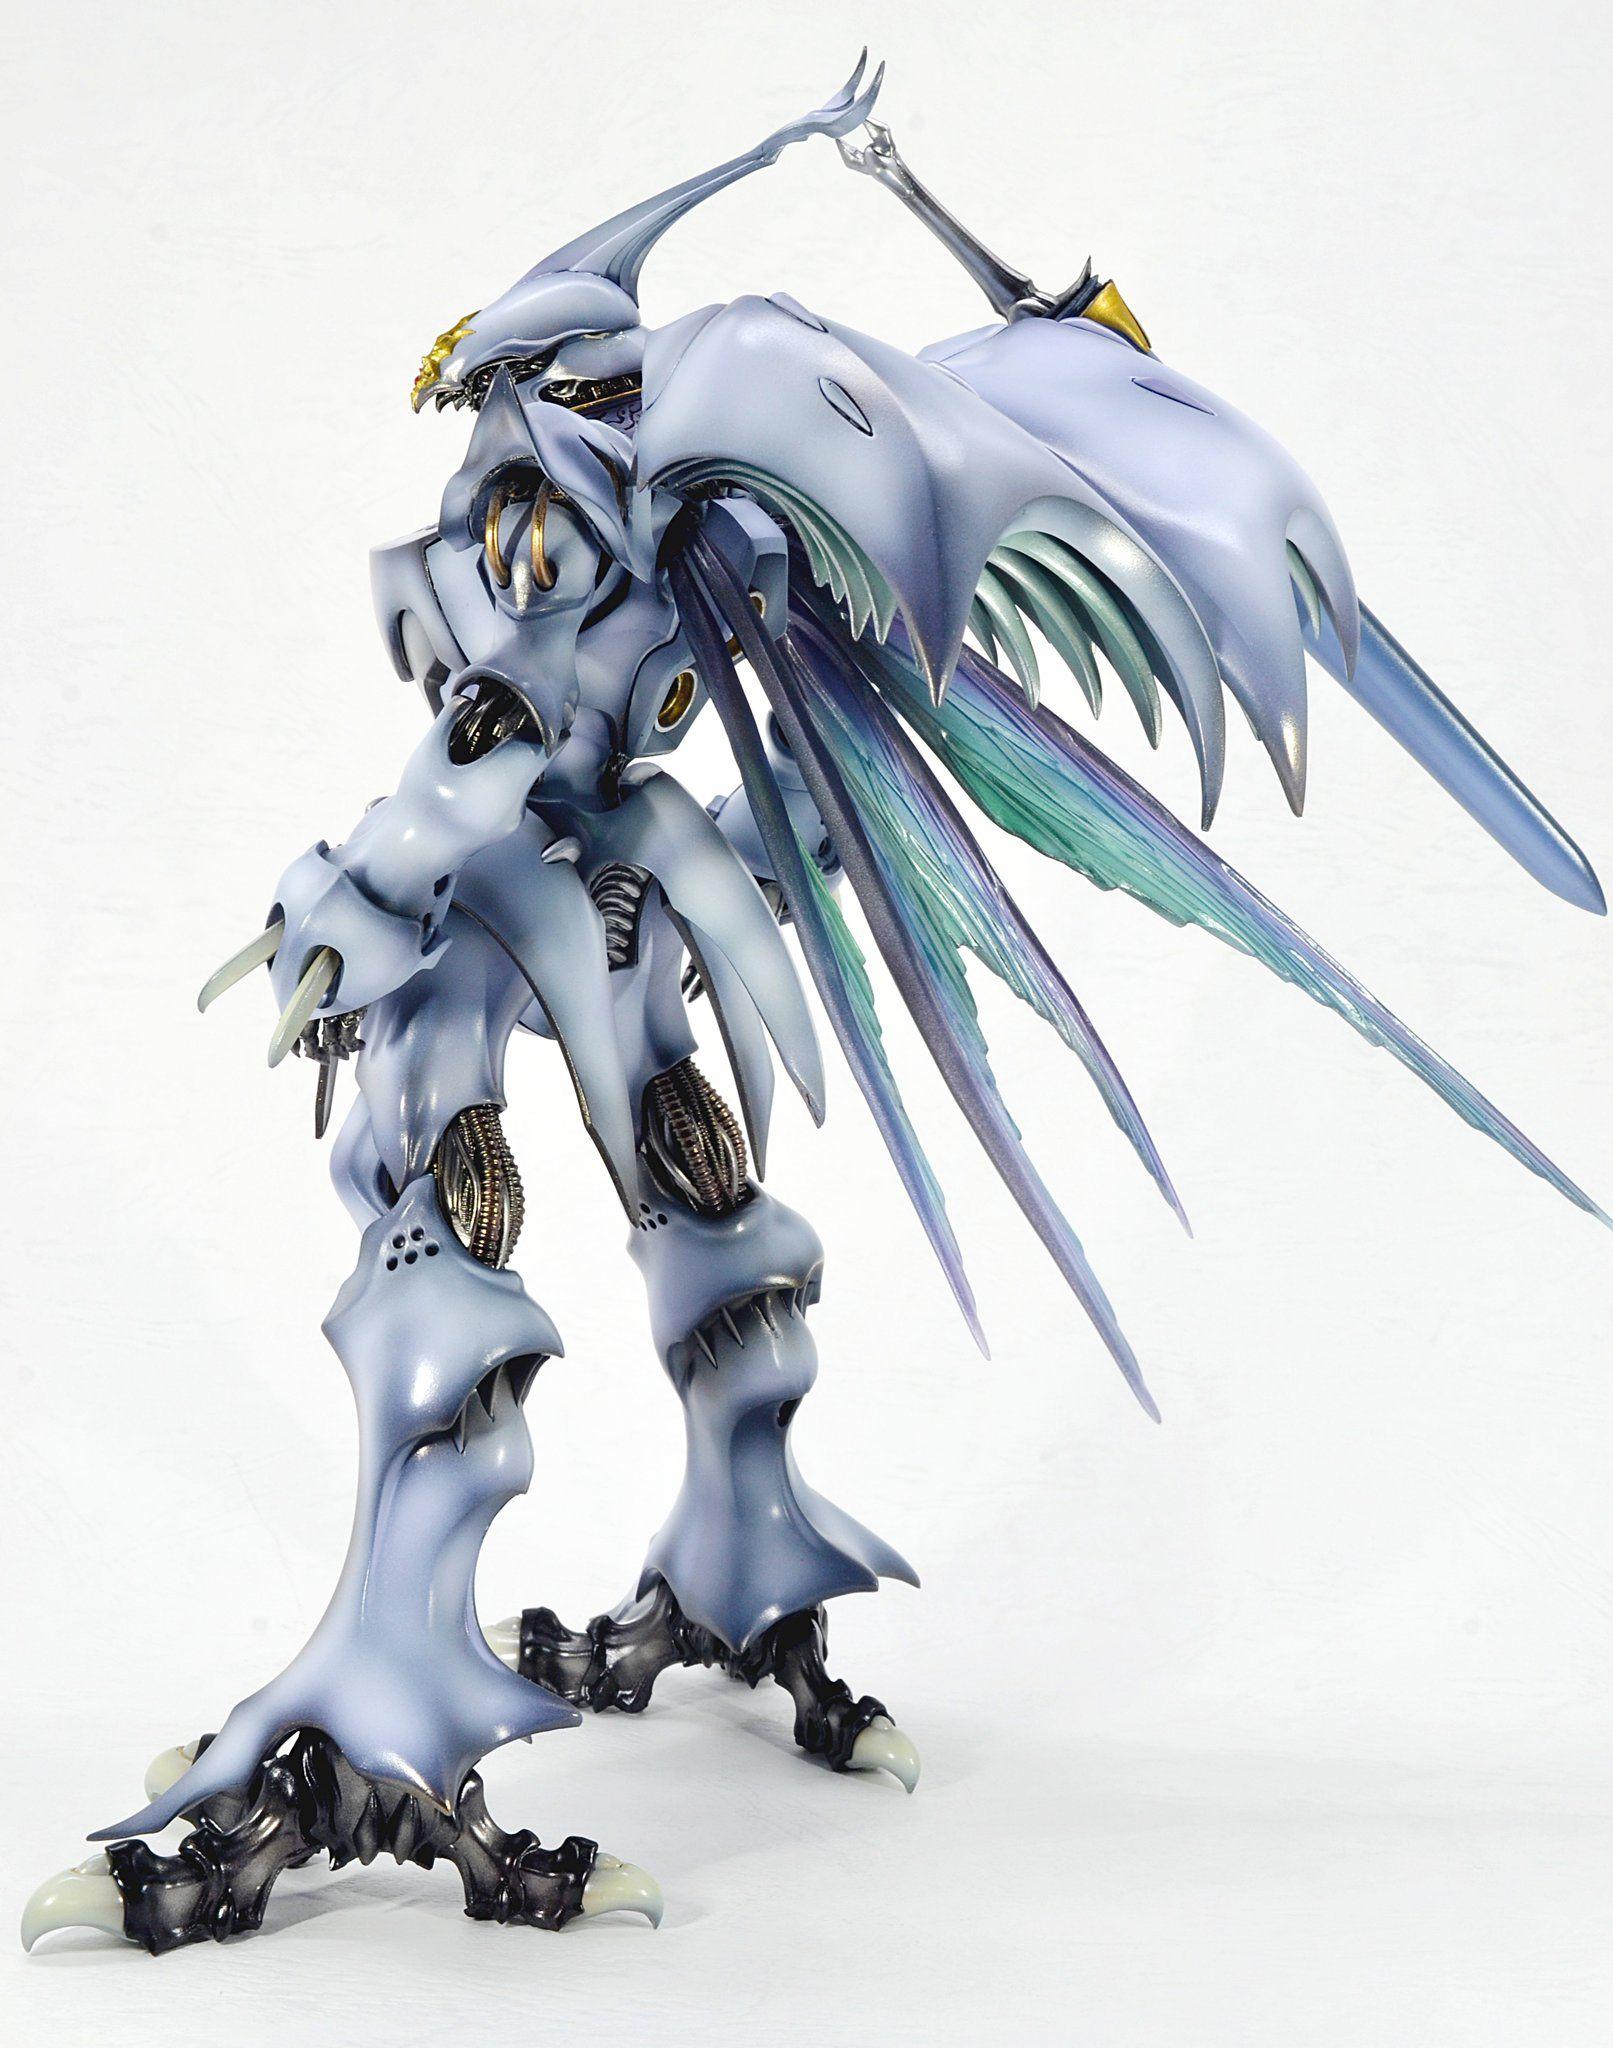 Robot Spirits Aura Battler Dunbine Wryneck Action Figure Bandai FROM JAPAN